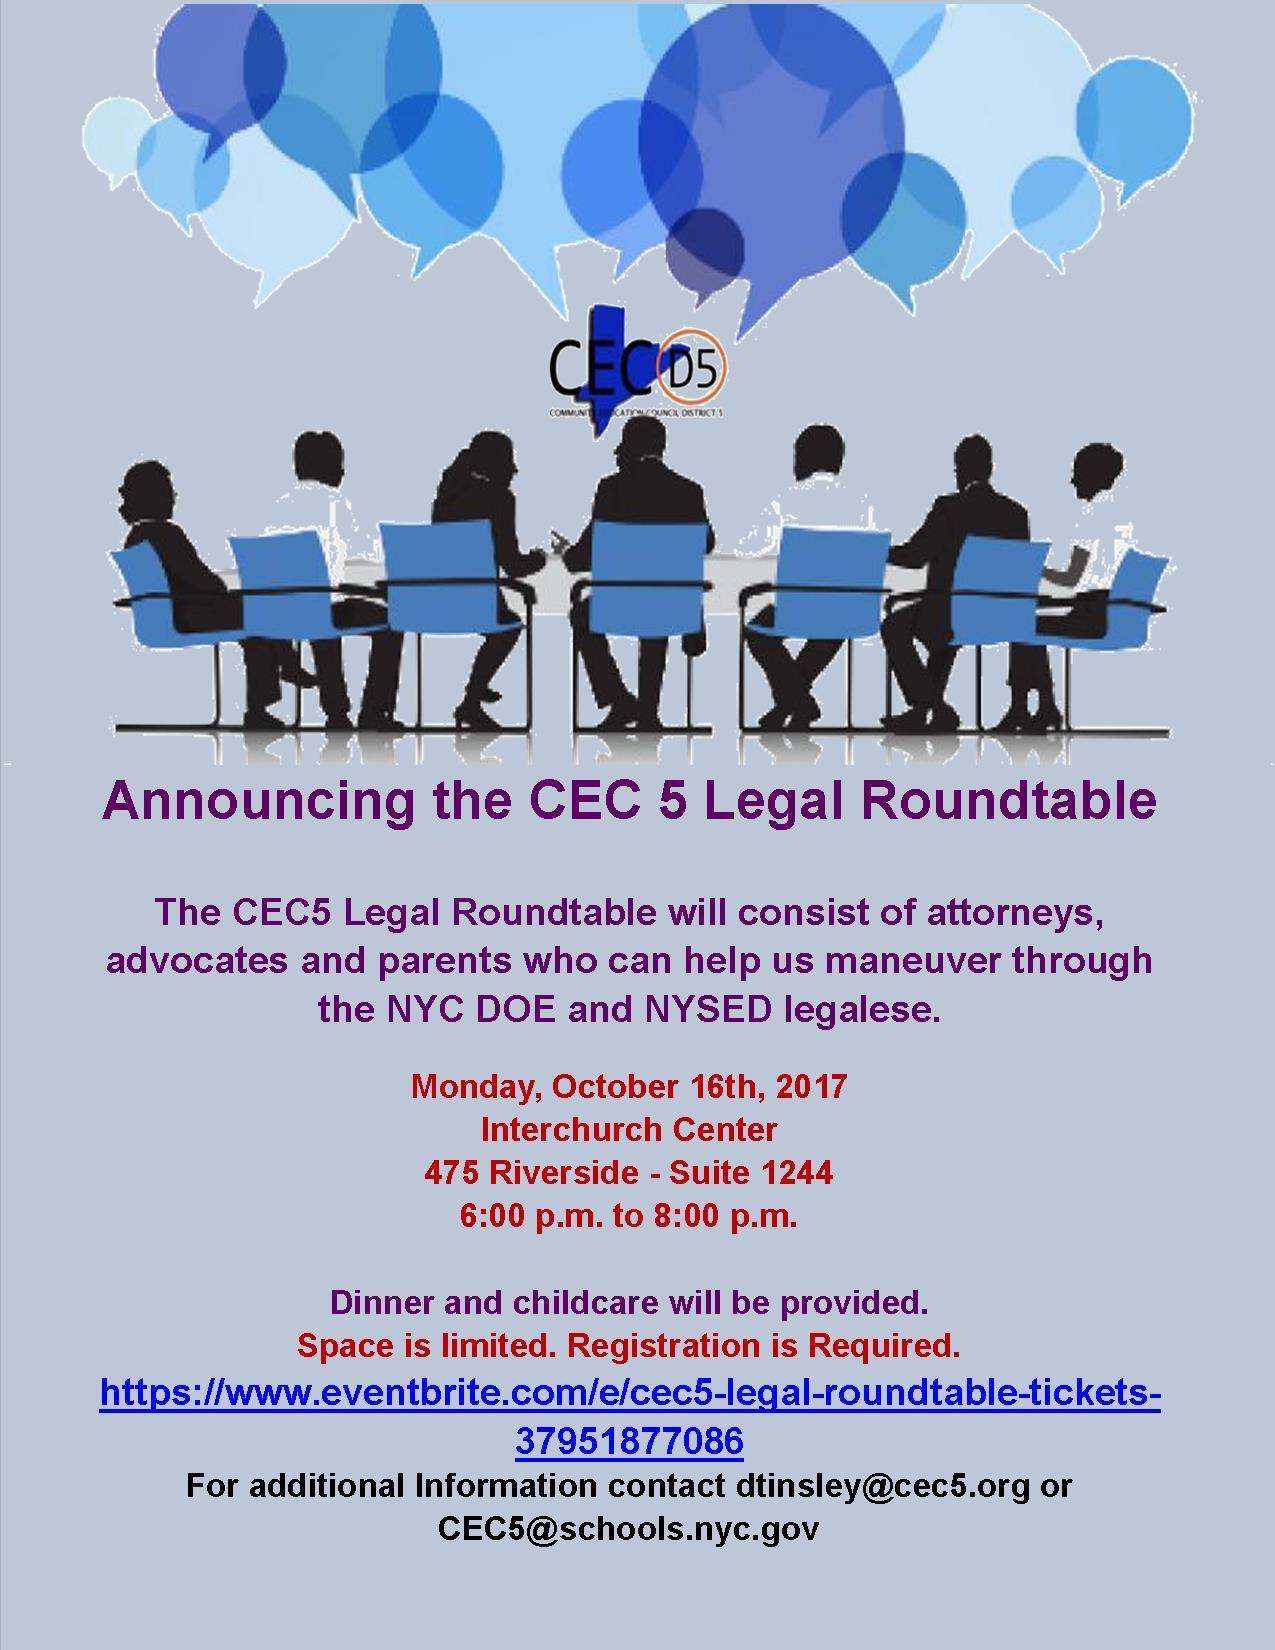 CEC5 Legal Roundtable 2017